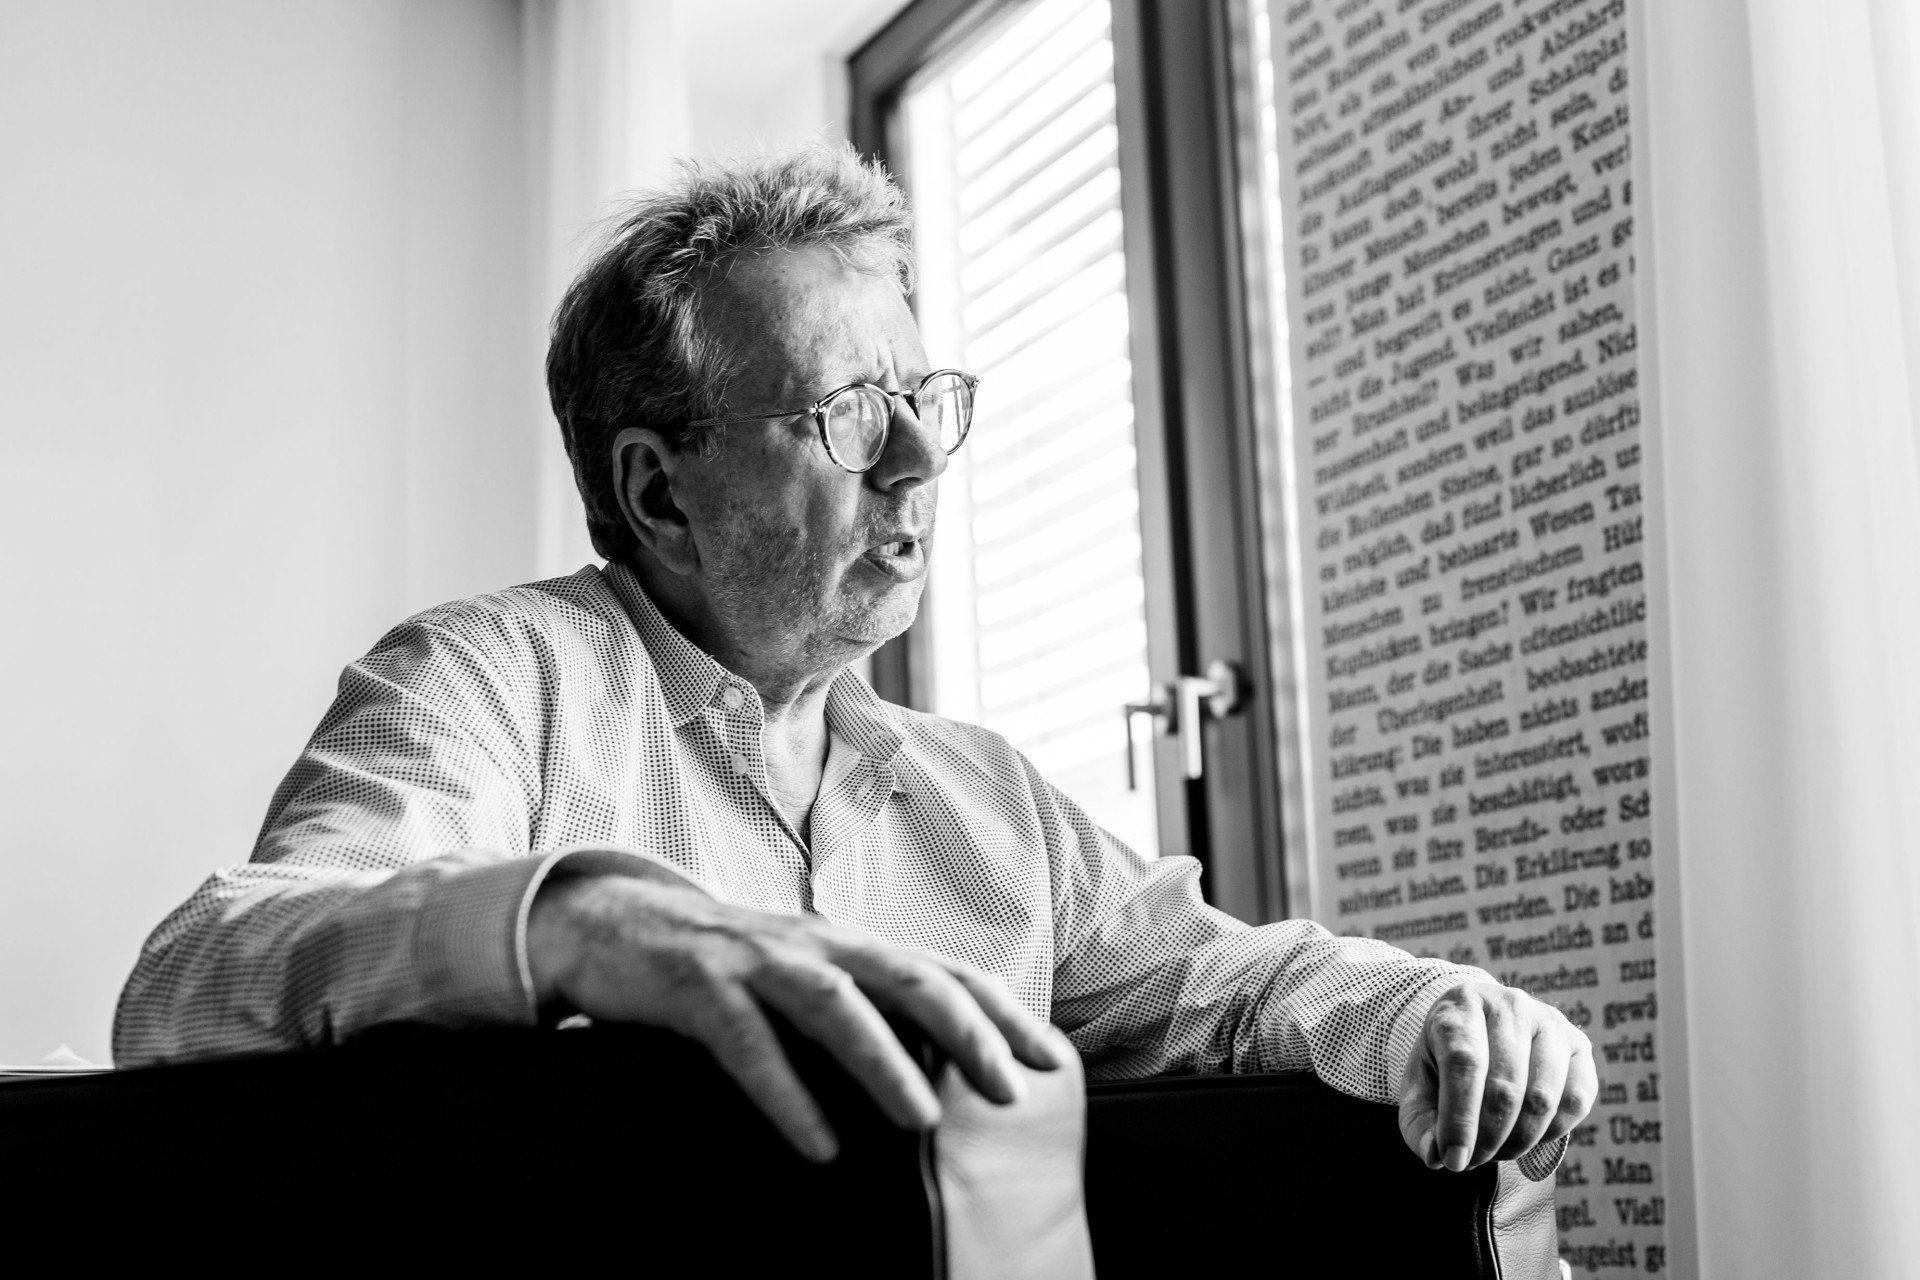 Journalist_CordtSchnibben sitz am Fenster